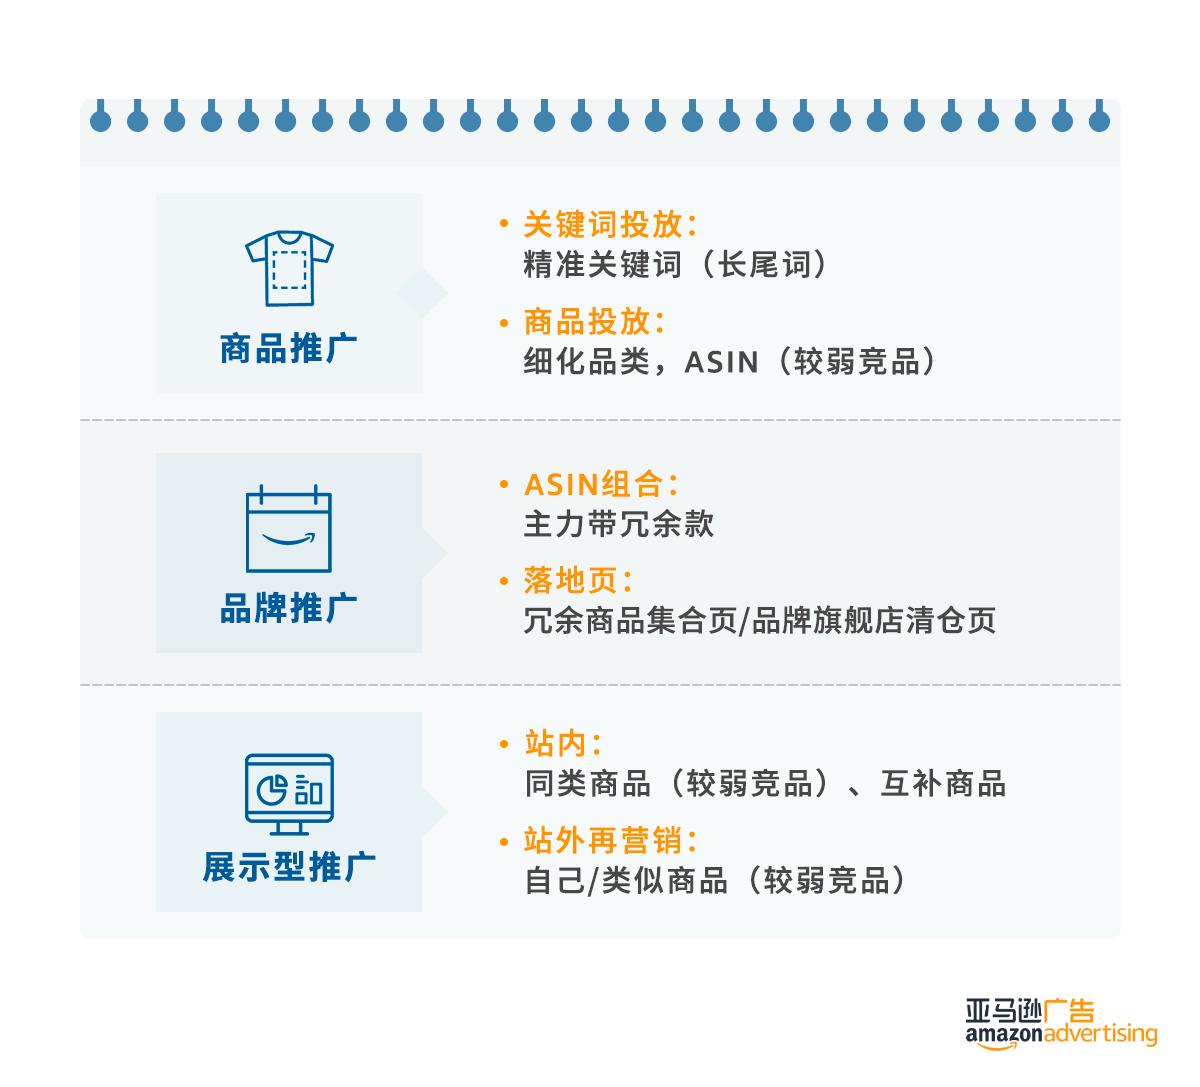 不同IPI分数下如何选择亚马逊广告活动